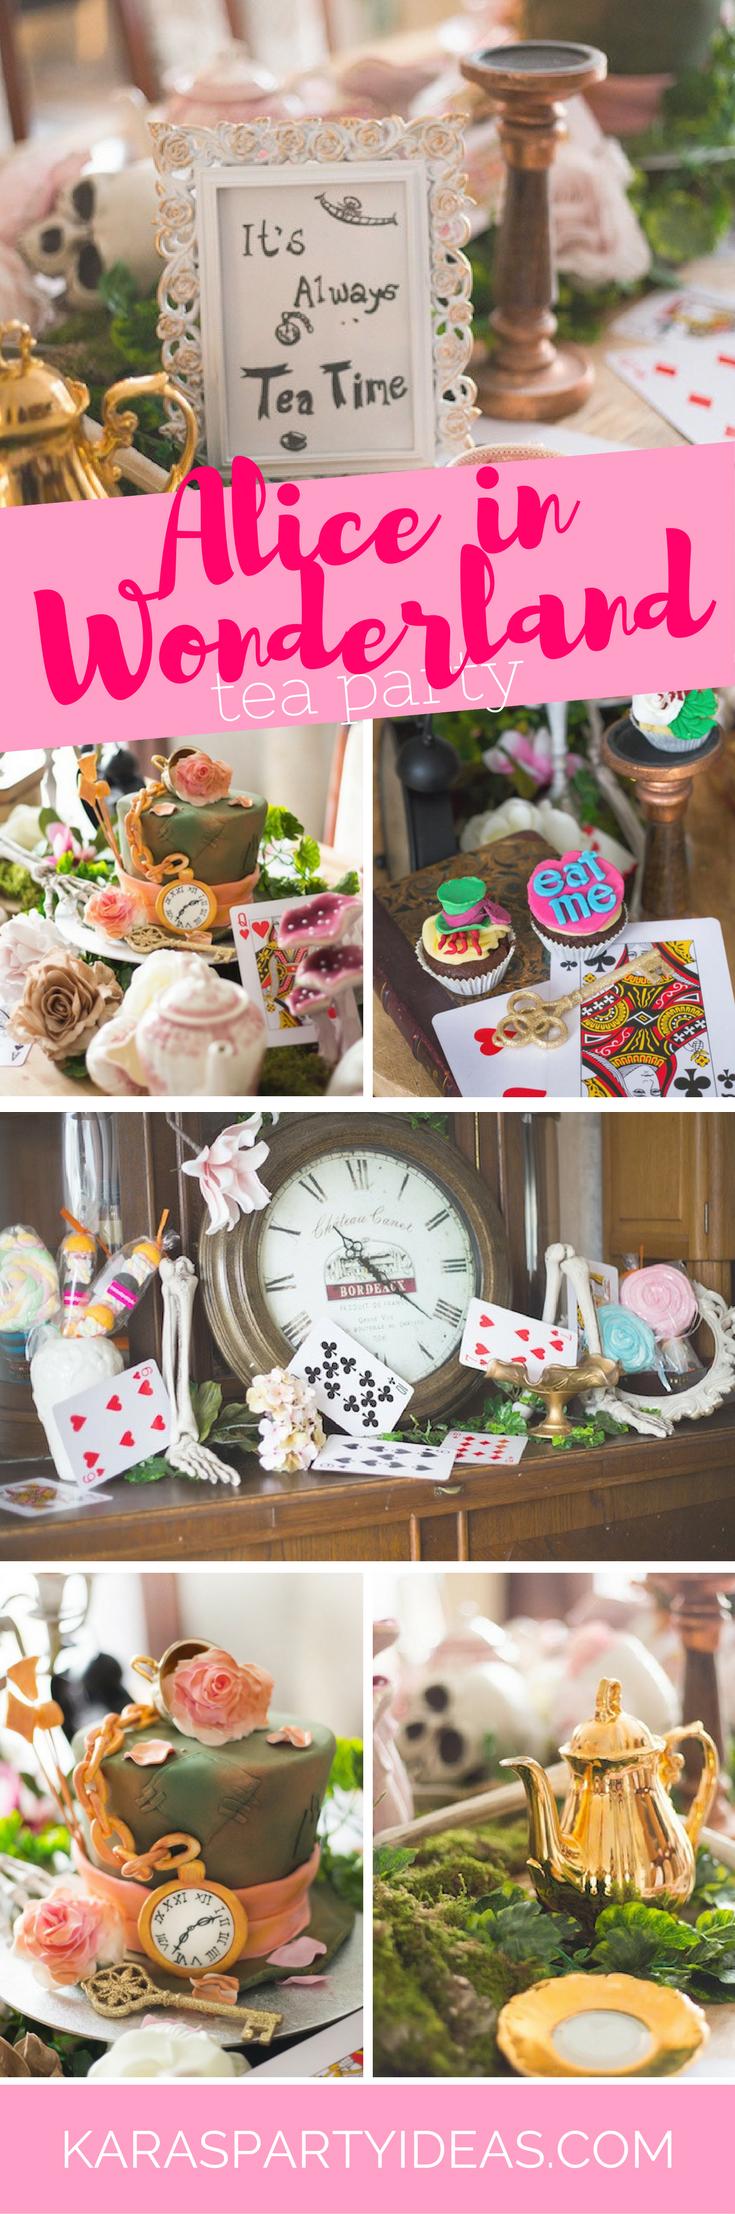 Alice in Wonderland Tea Party via Kara's Party Ideas - KarasPartyIdeas.com